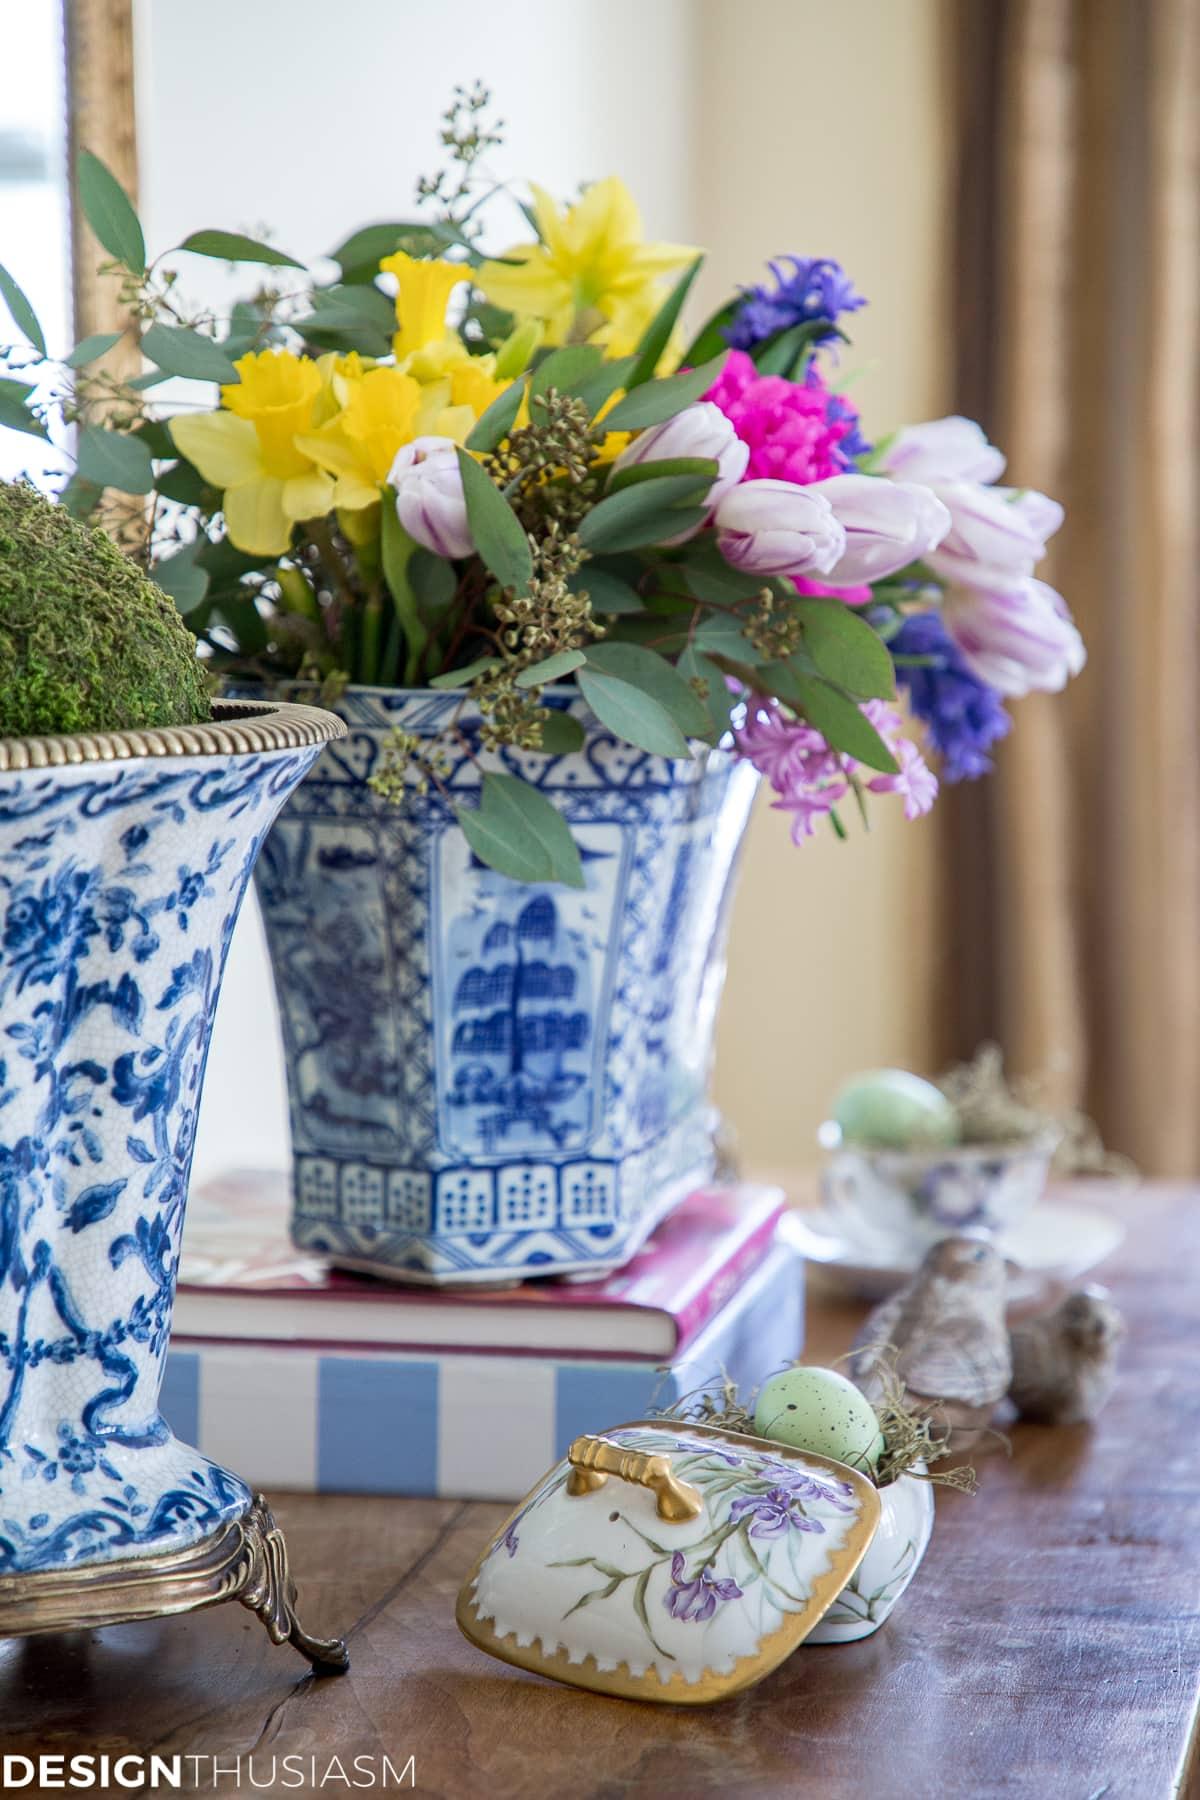 spring flowers seasonal vignette - designthusiasm.com